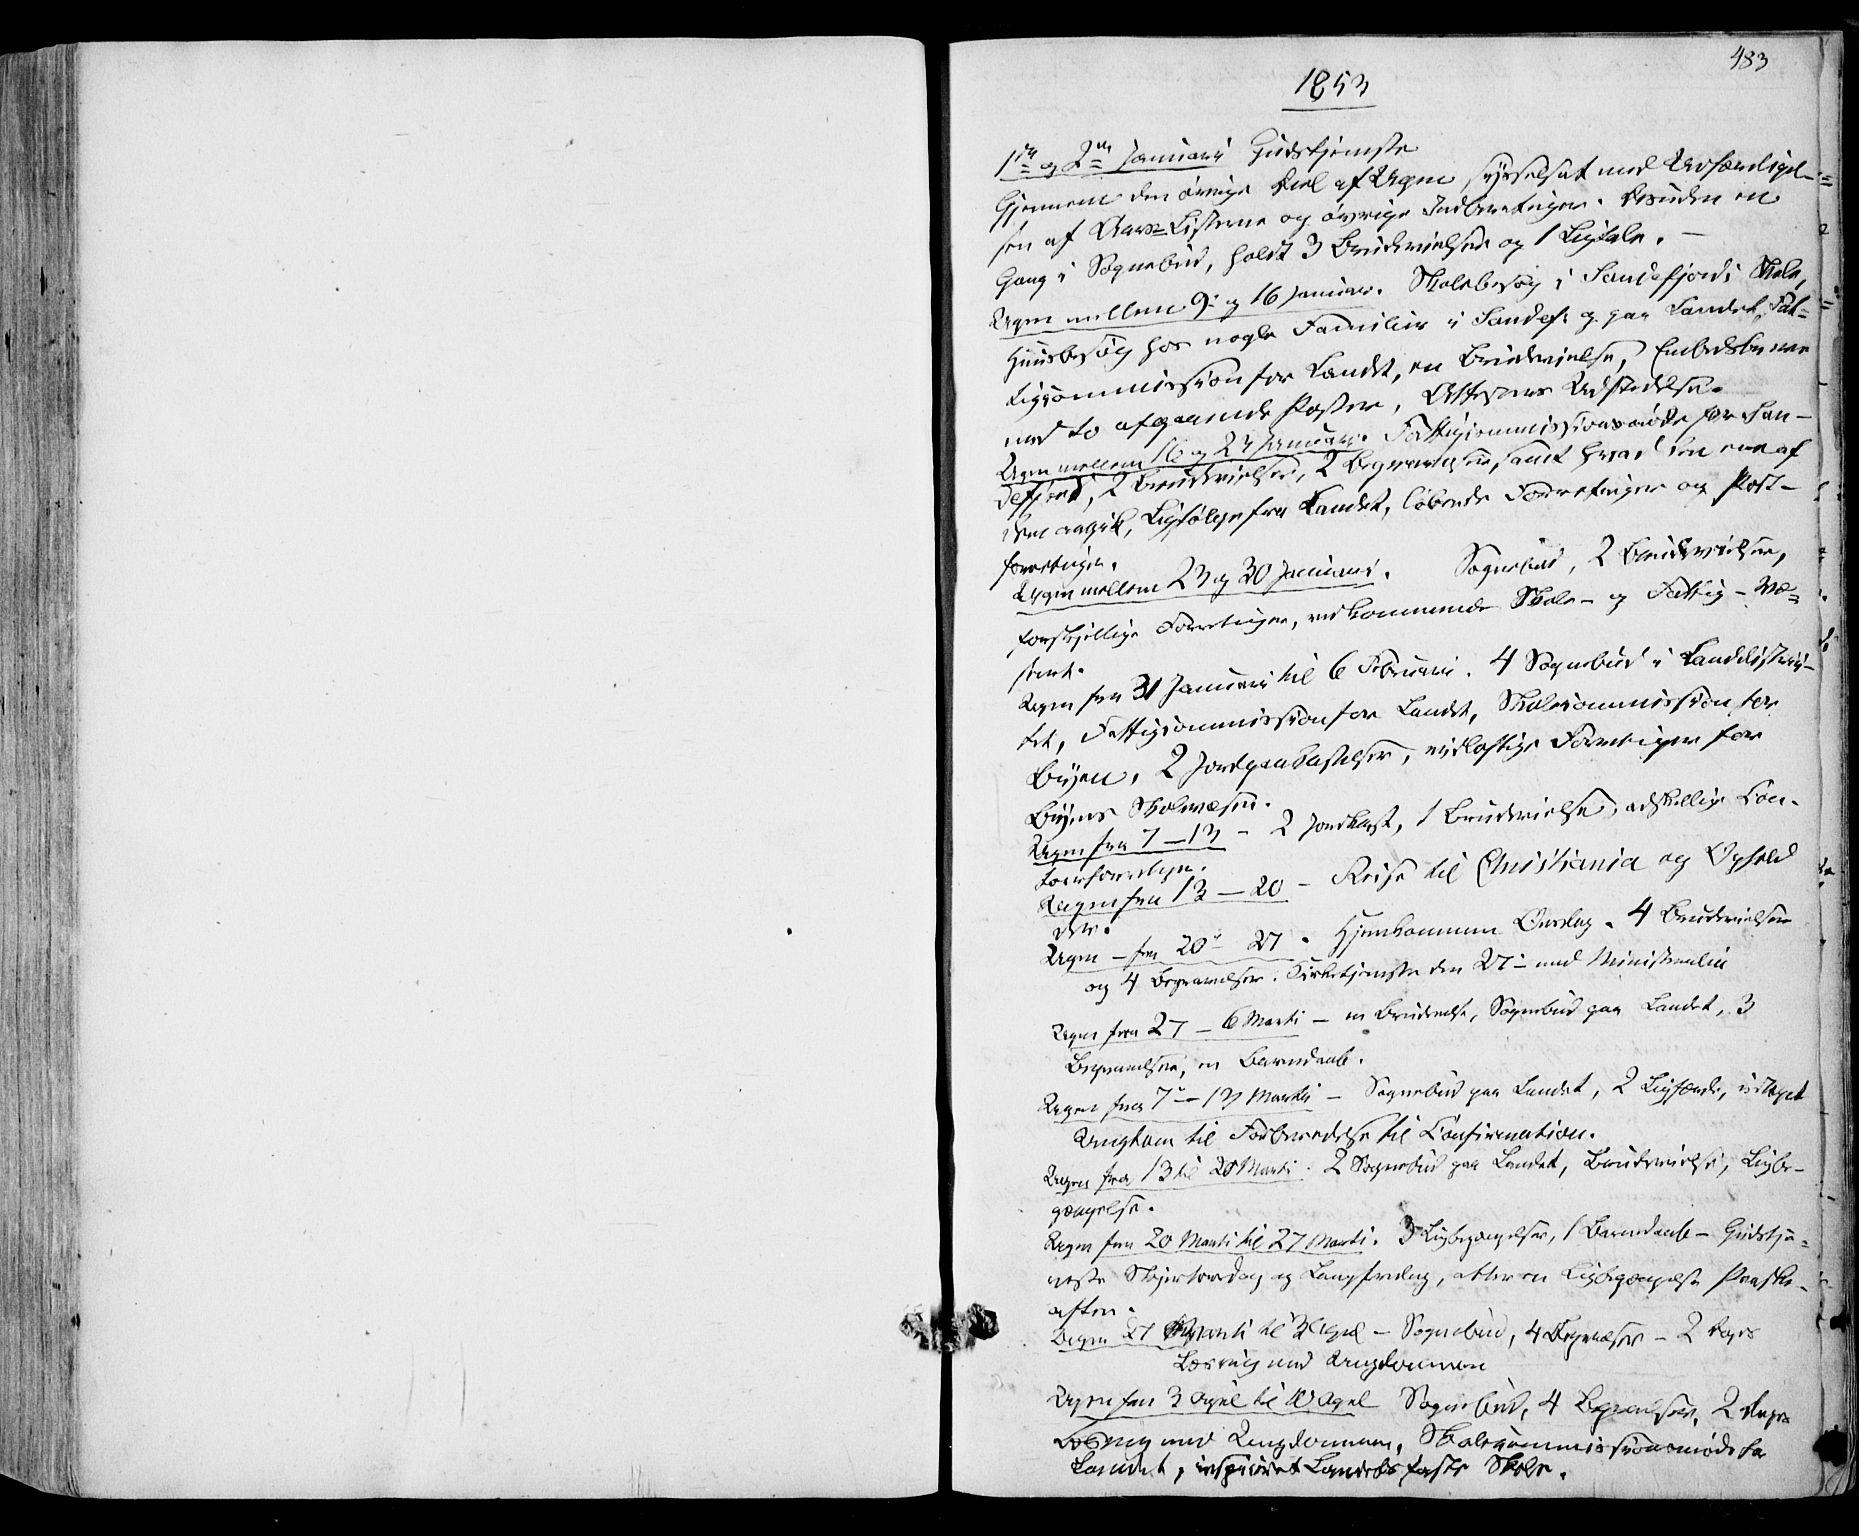 SAKO, Sandar kirkebøker, F/Fa/L0006: Ministerialbok nr. 6, 1847-1860, s. 483